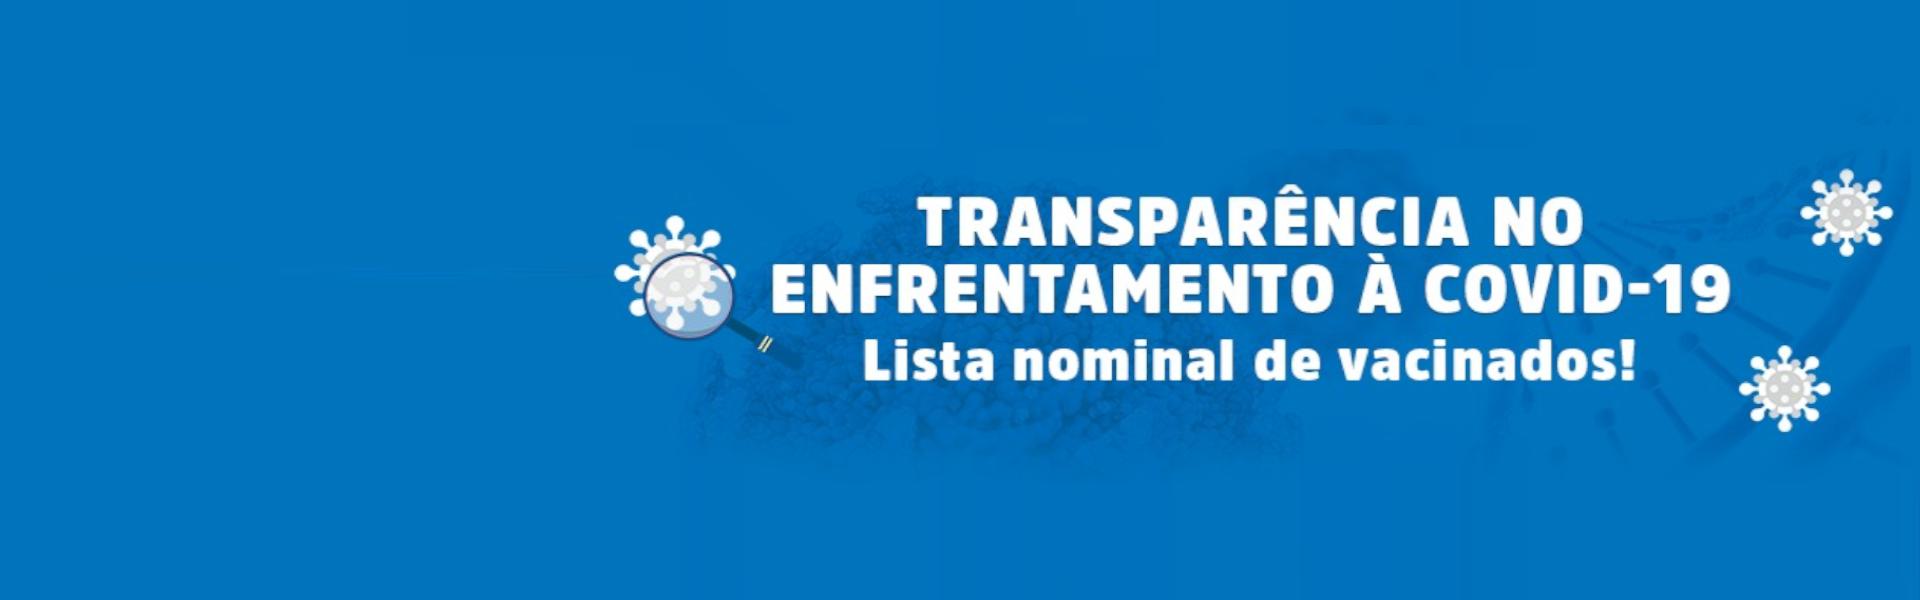 banner-covid19-transparencia